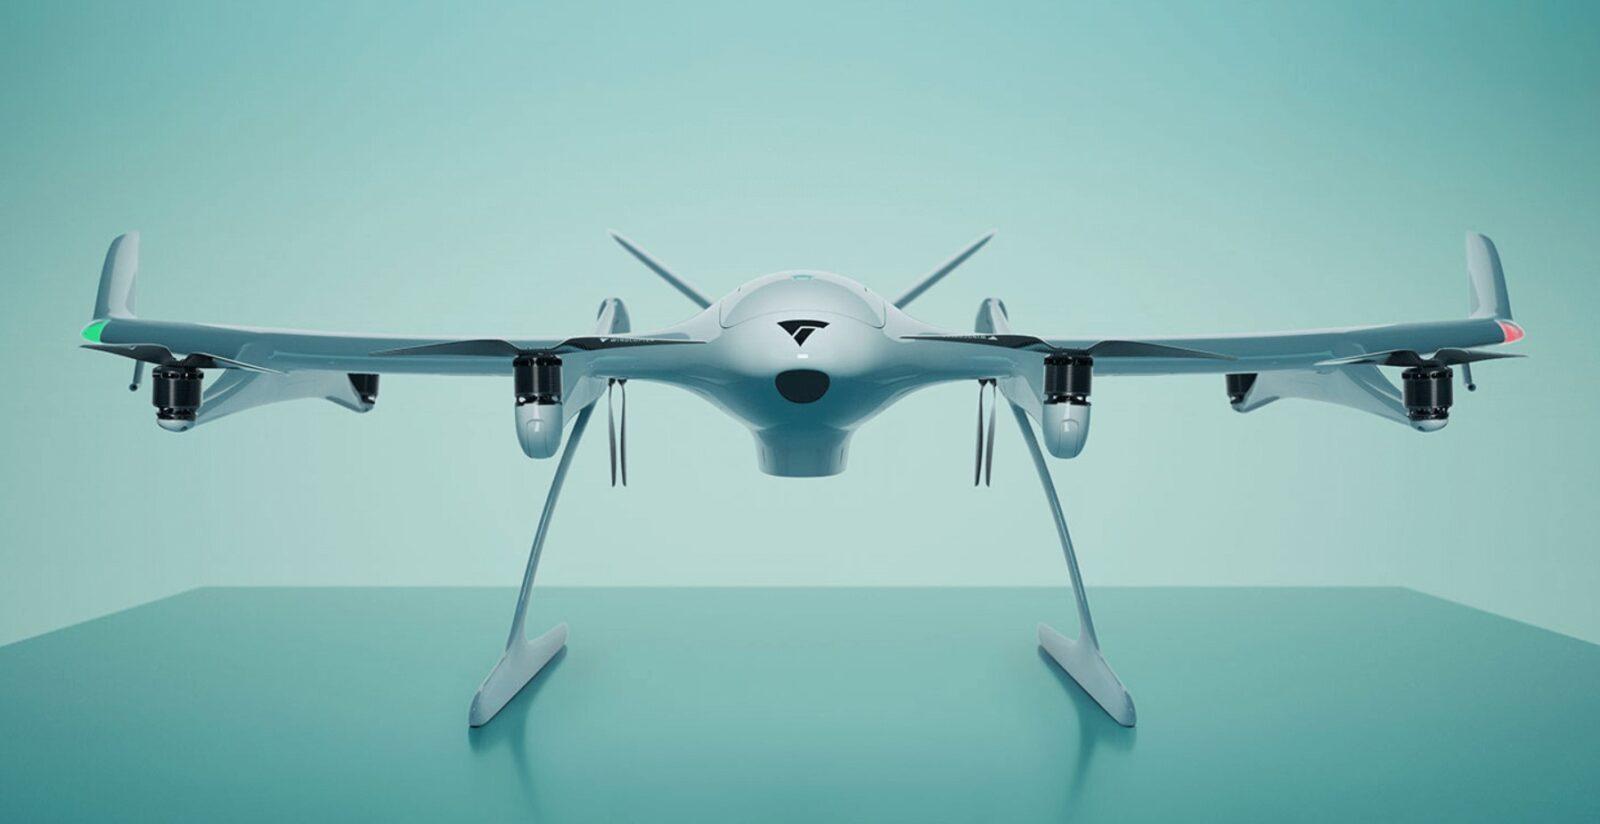 Новый успех компании Wingcopter в сфере доставки грузов дронами